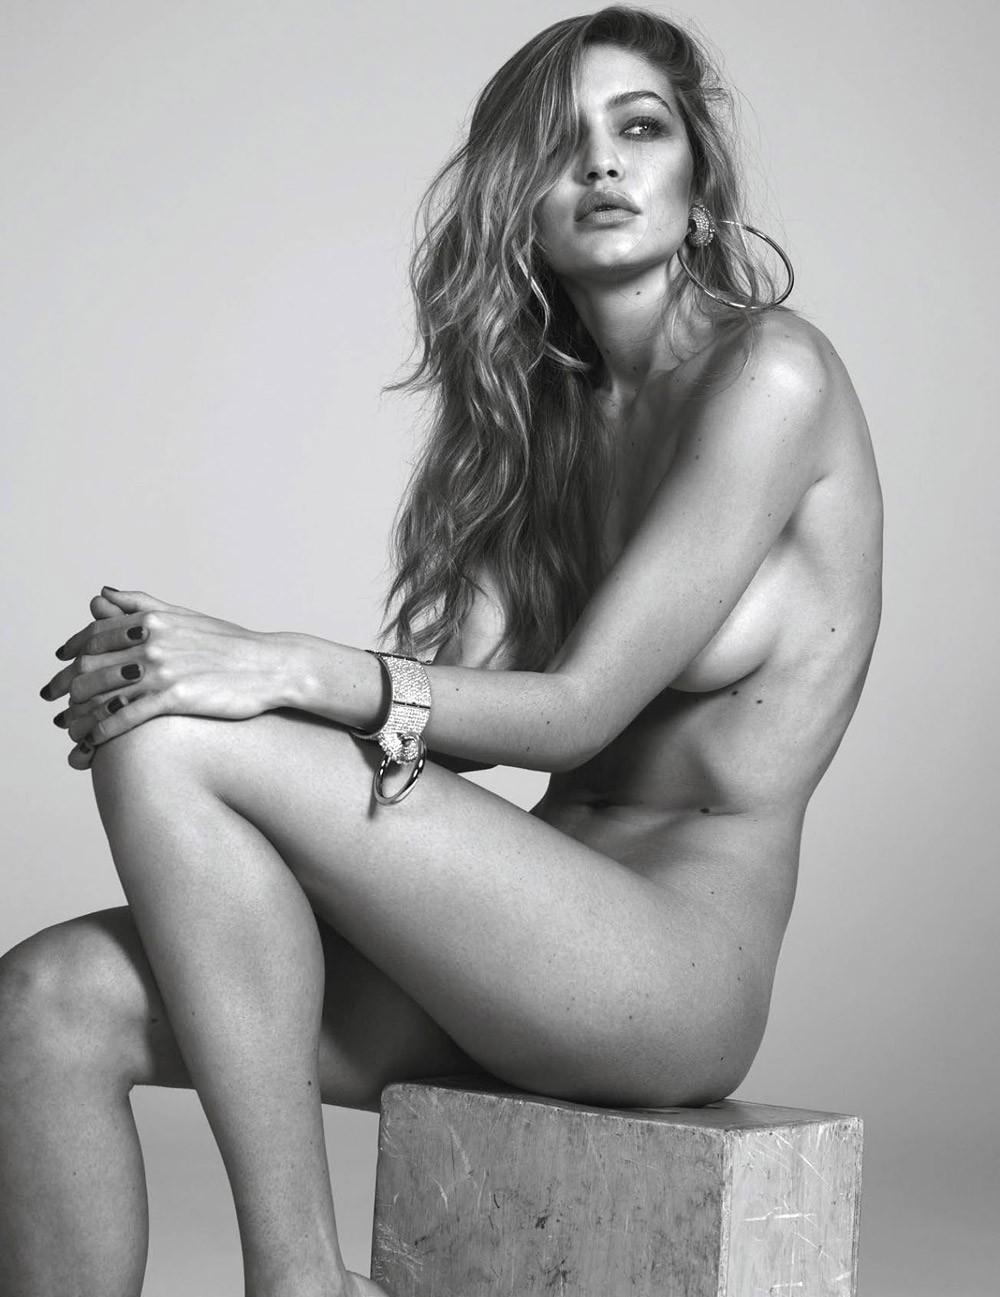 Capa de moda, mas sem nenhuma roupa: na Vogue Paris de março de 2016 (Foto: Getty Images)